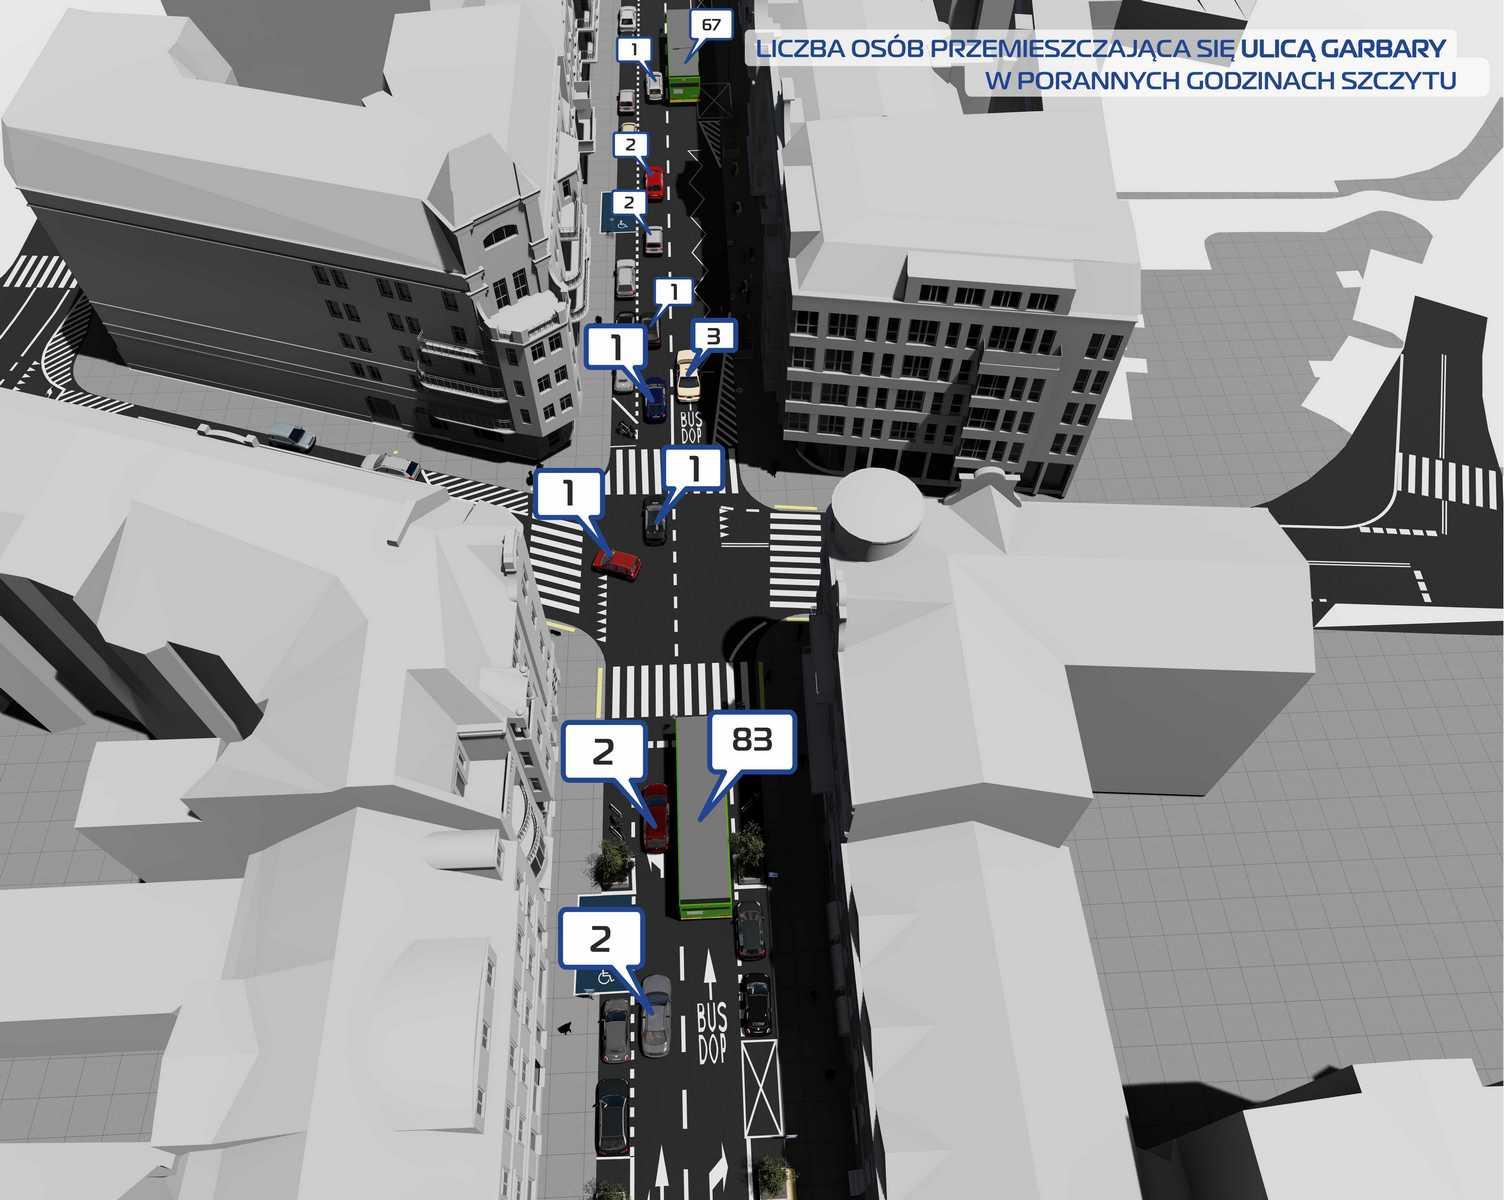 Po zakończeniu pierwszego etapu przebudowy Garbar drogowcy dobudują trzeci pas ruchu na ul. Jana Pawła II biegnący od ronda Śródka w kierunku ul. Baraniaka (fot. poznan.pl)